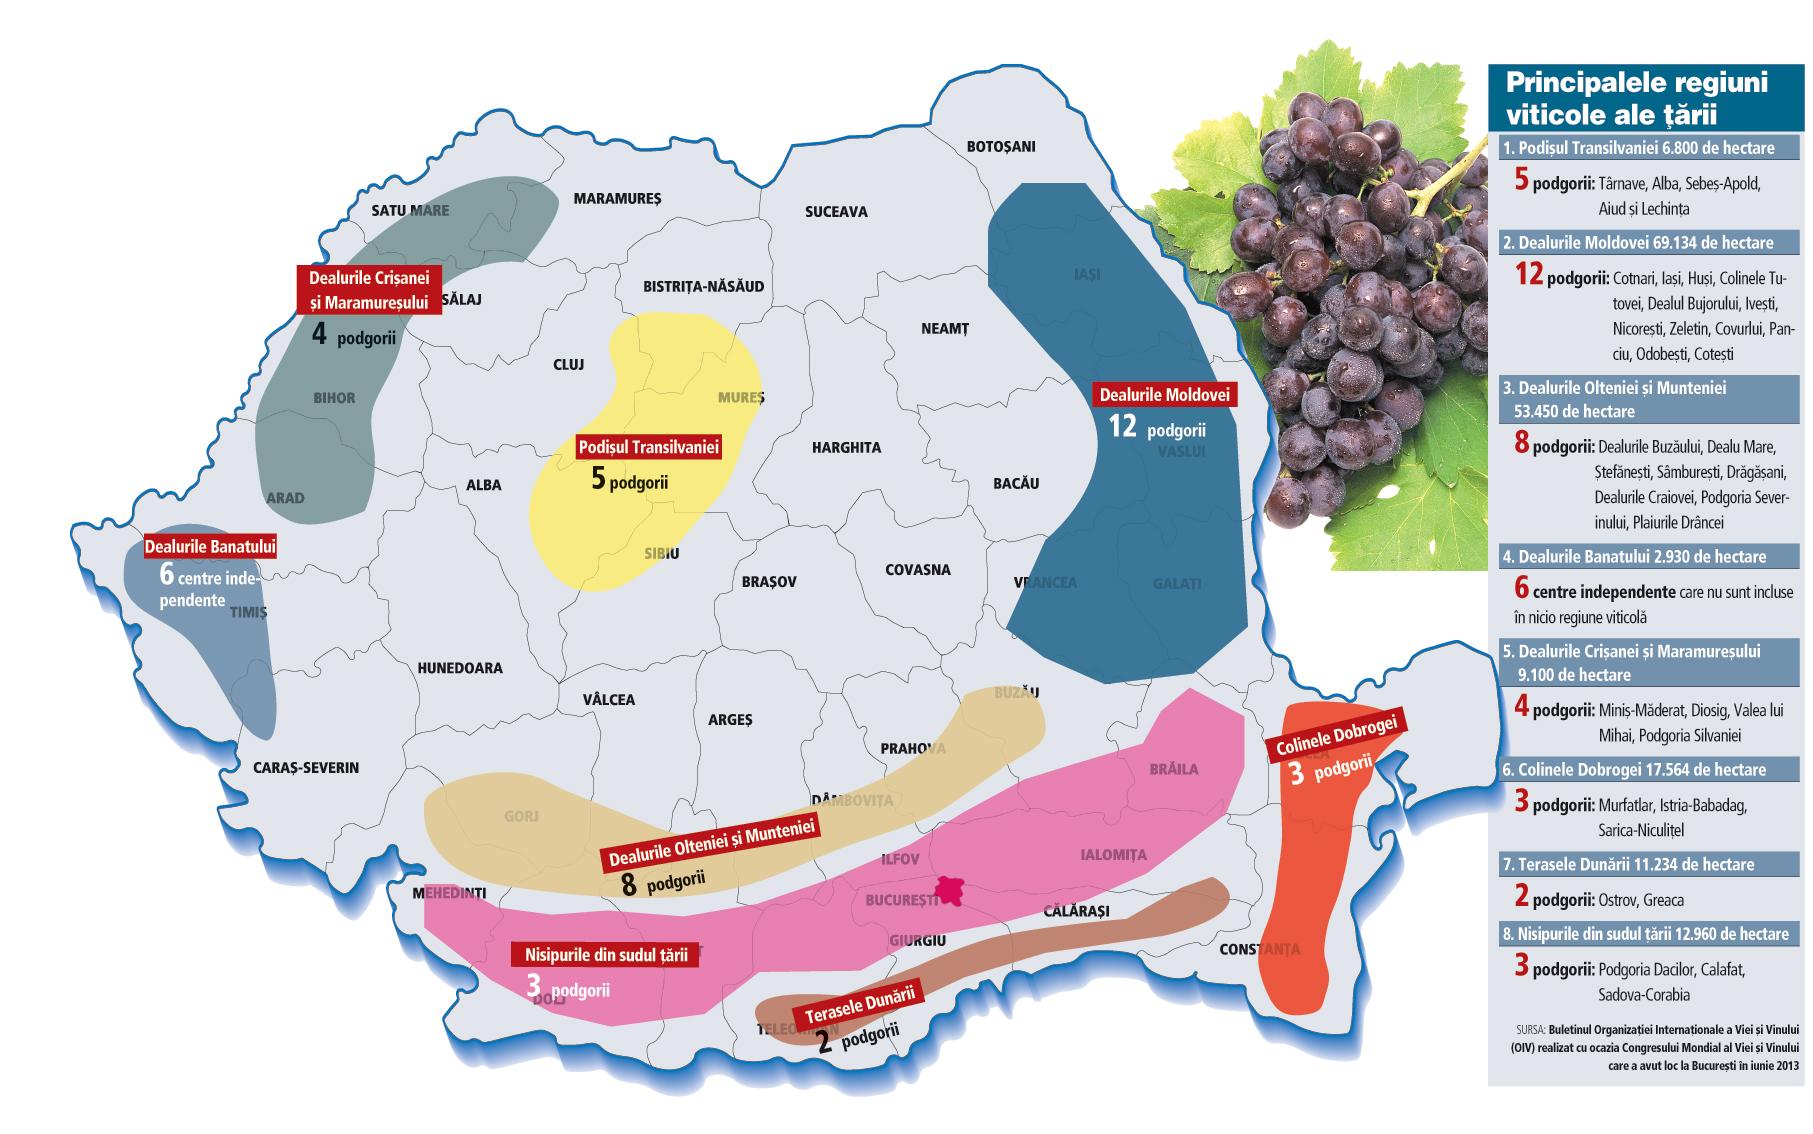 Harta Vinului Romanesc Cu Opt Regiuni Viticole 37 De Podgorii Si